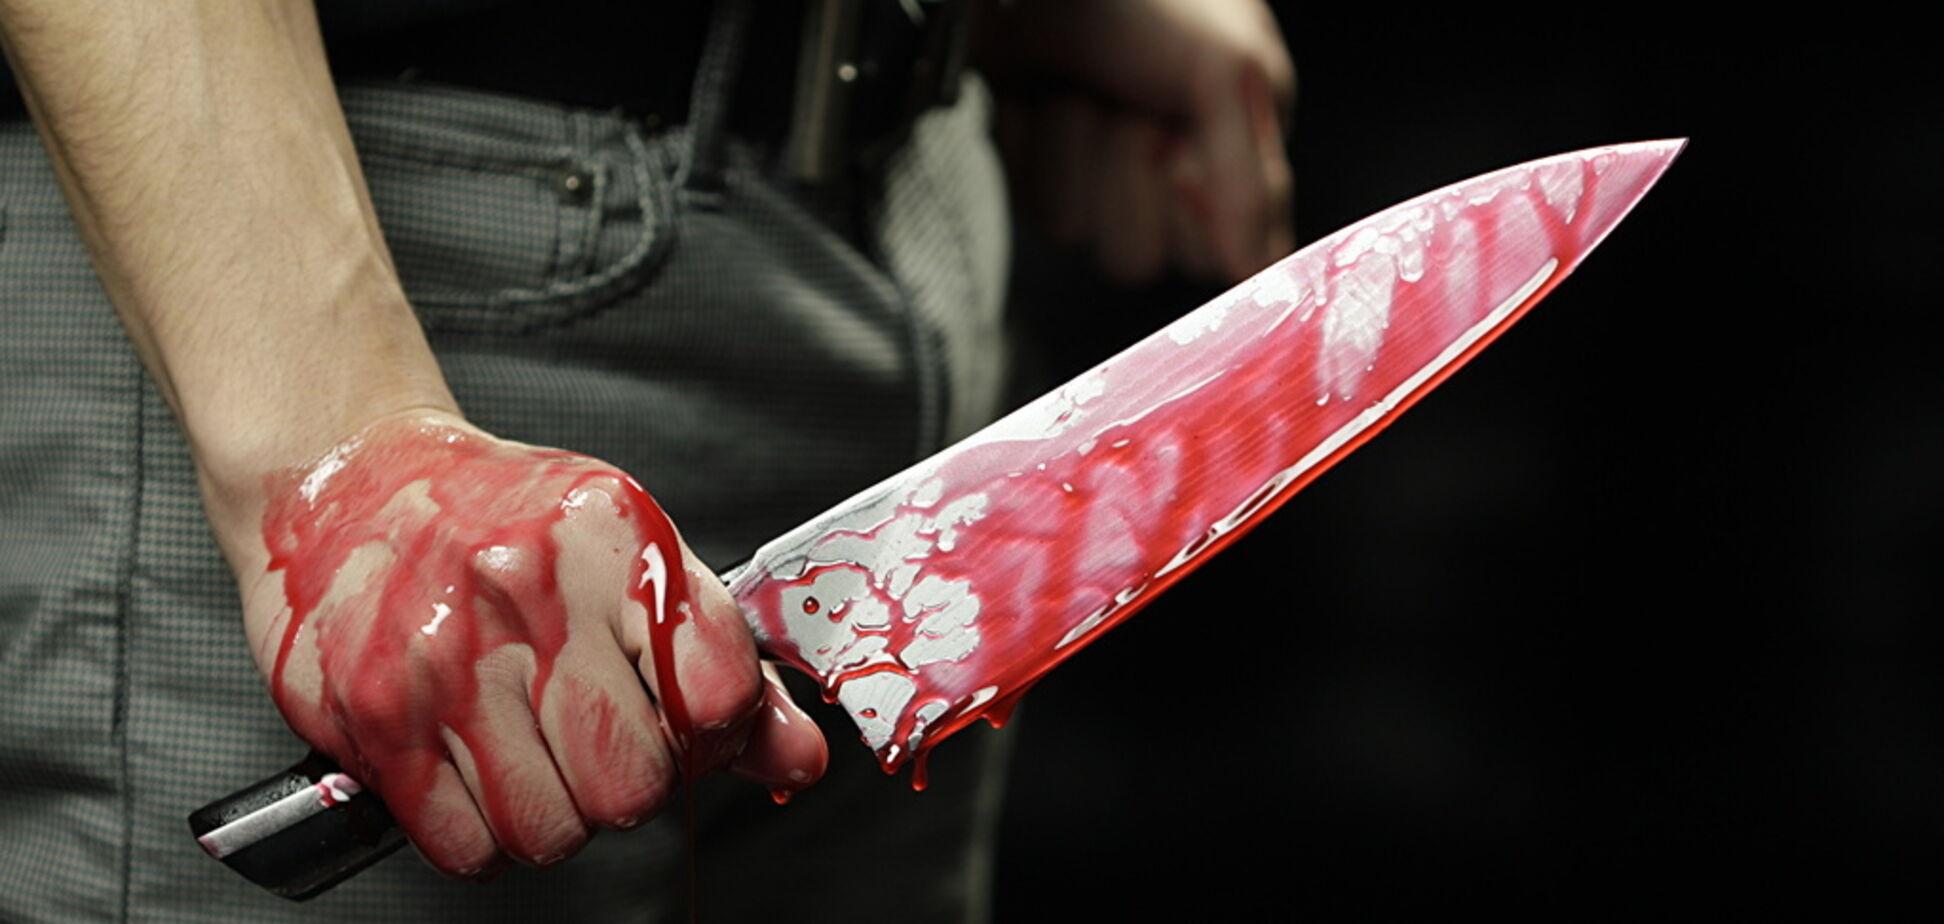 Калюжі крові: в центрі Дніпра чоловіка порізали ножем. Фото 18+